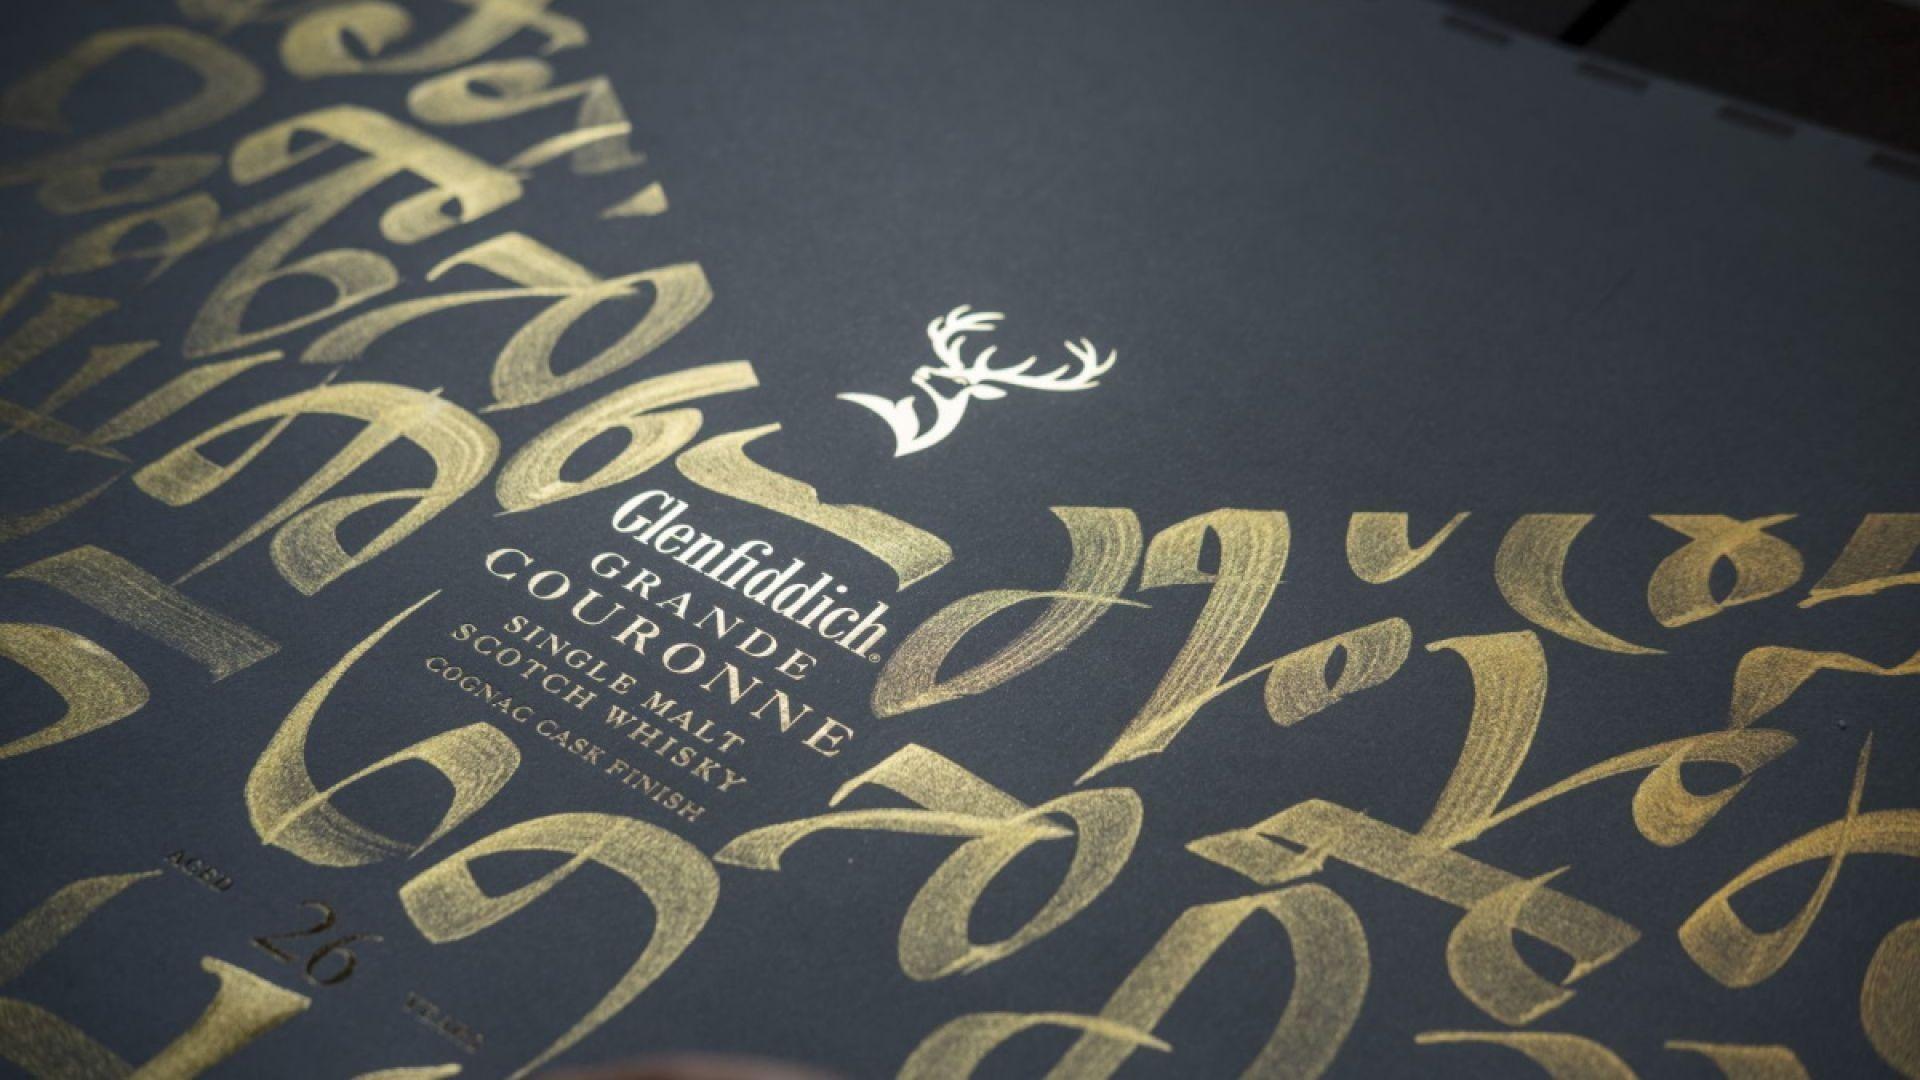 Български калиграф и световен уиски бранд създават изкуство